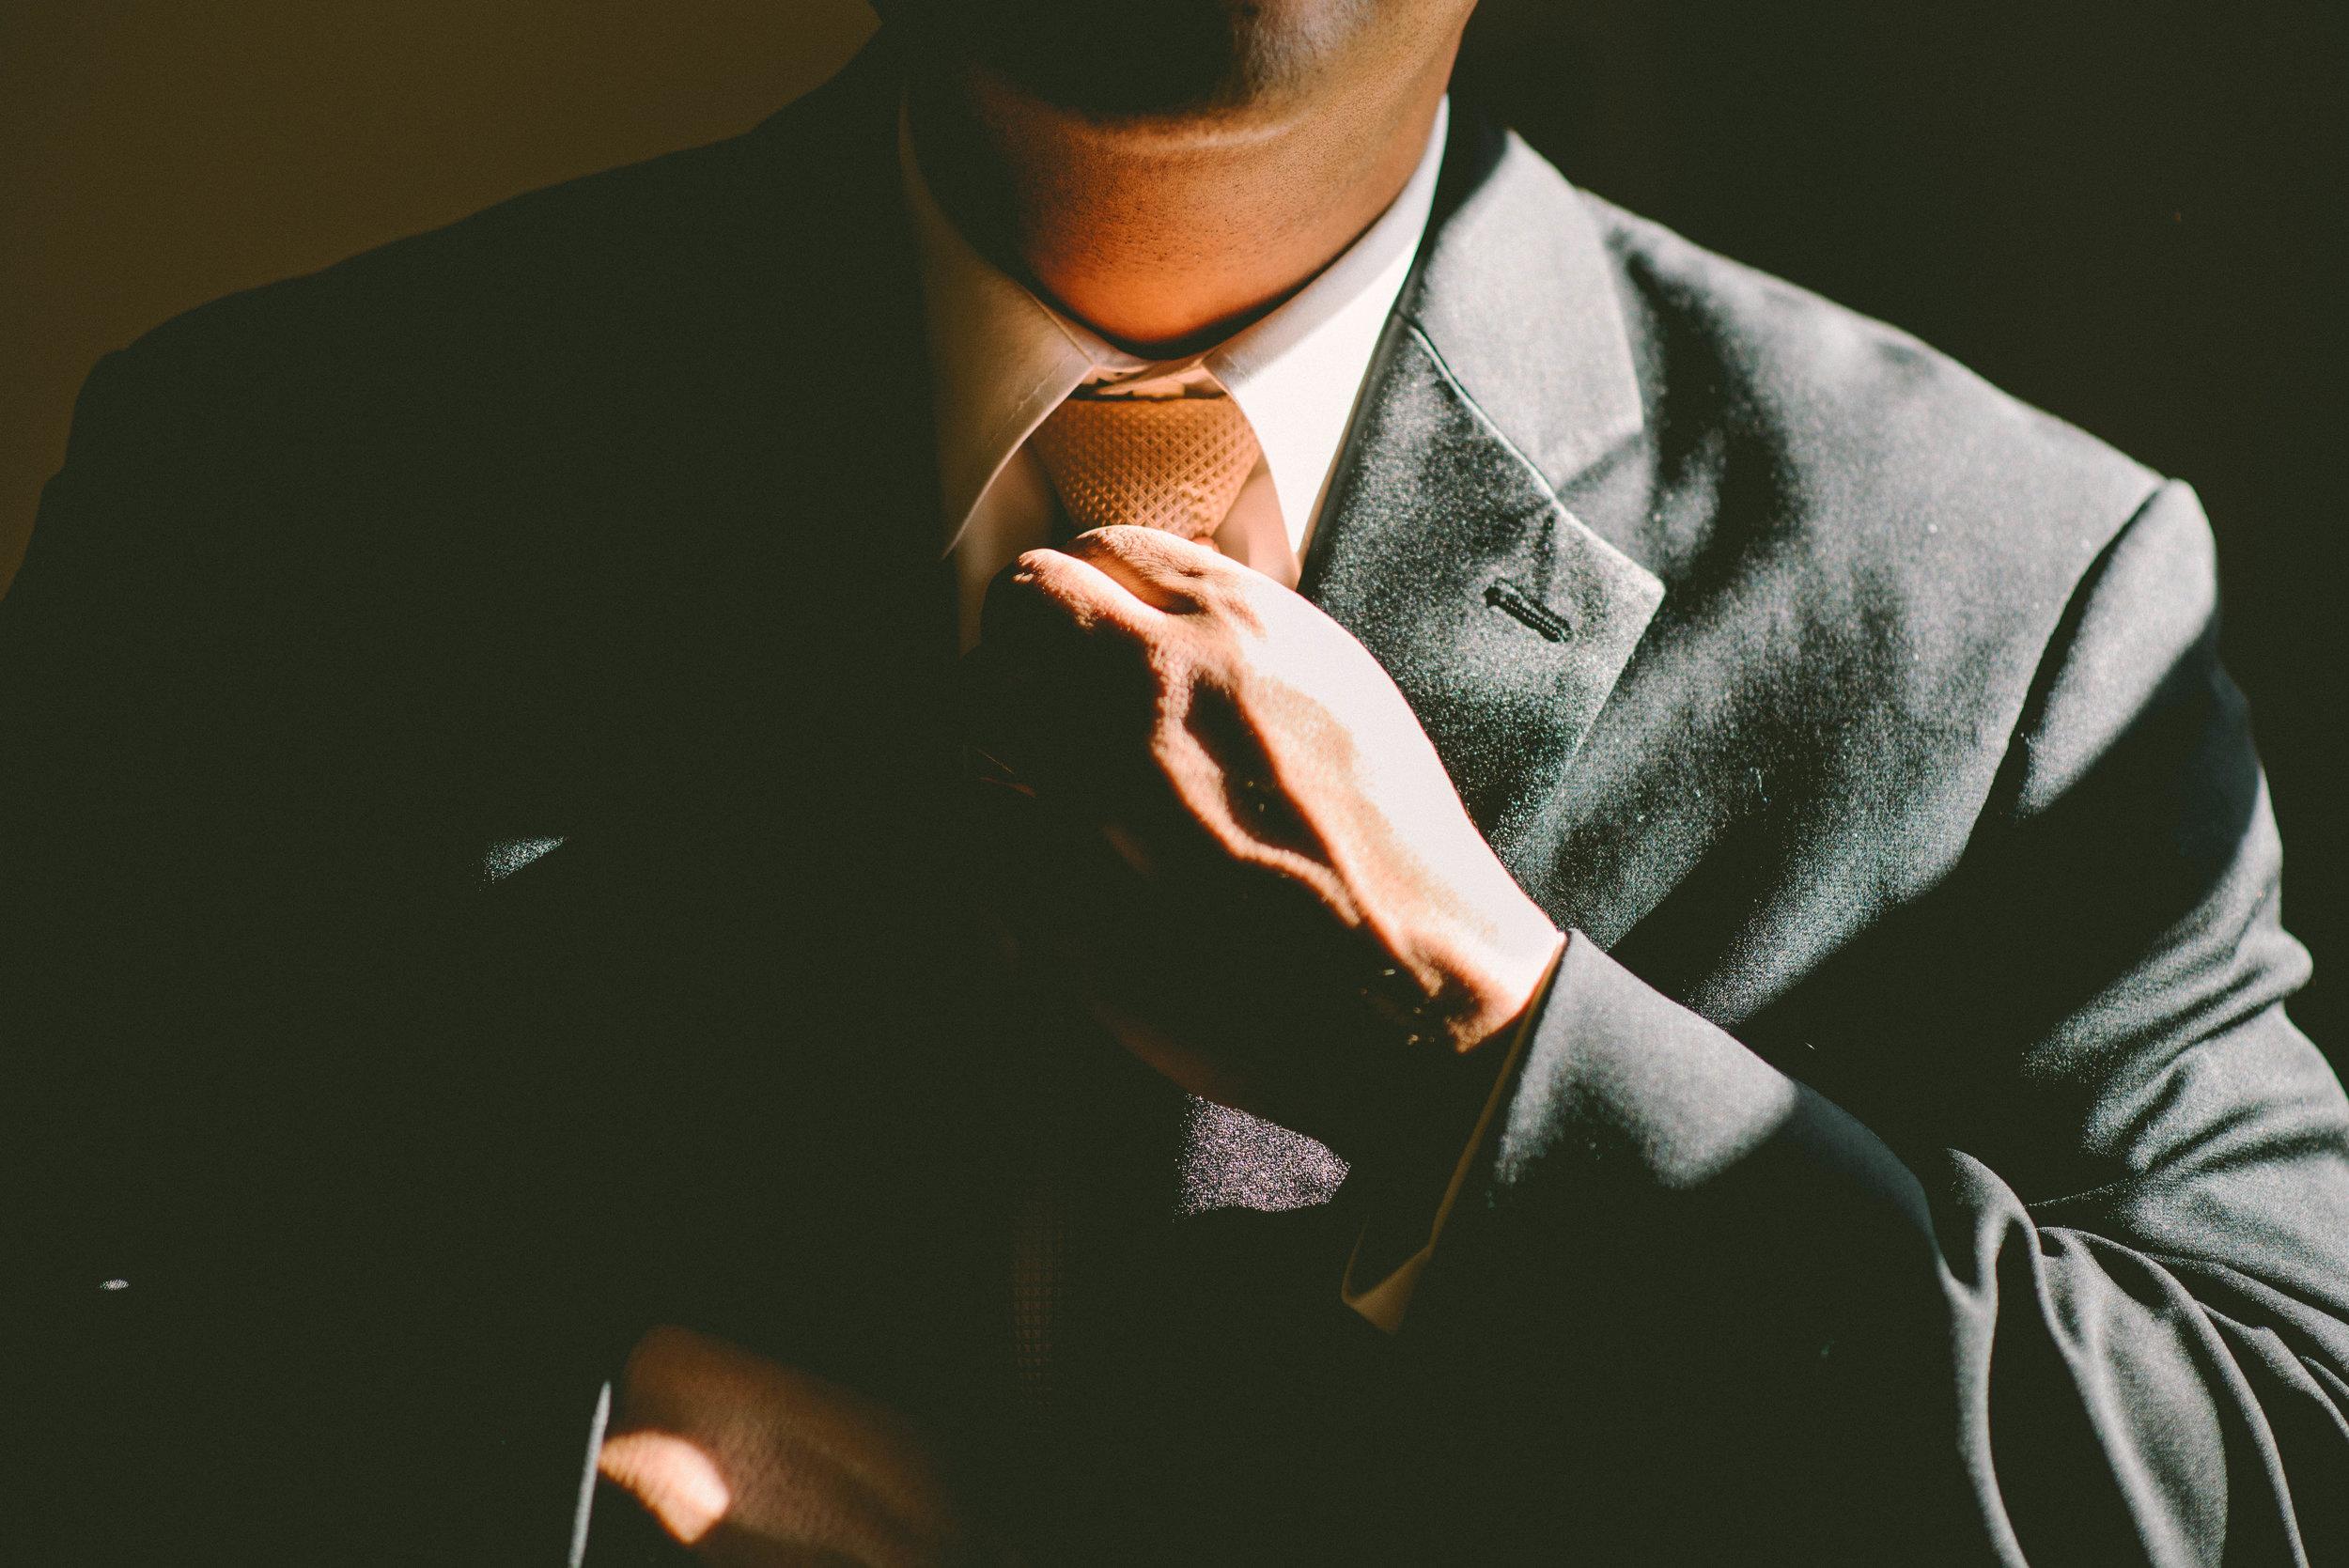 Briefcase-Coach-Executive-Coaching-Services.jpg